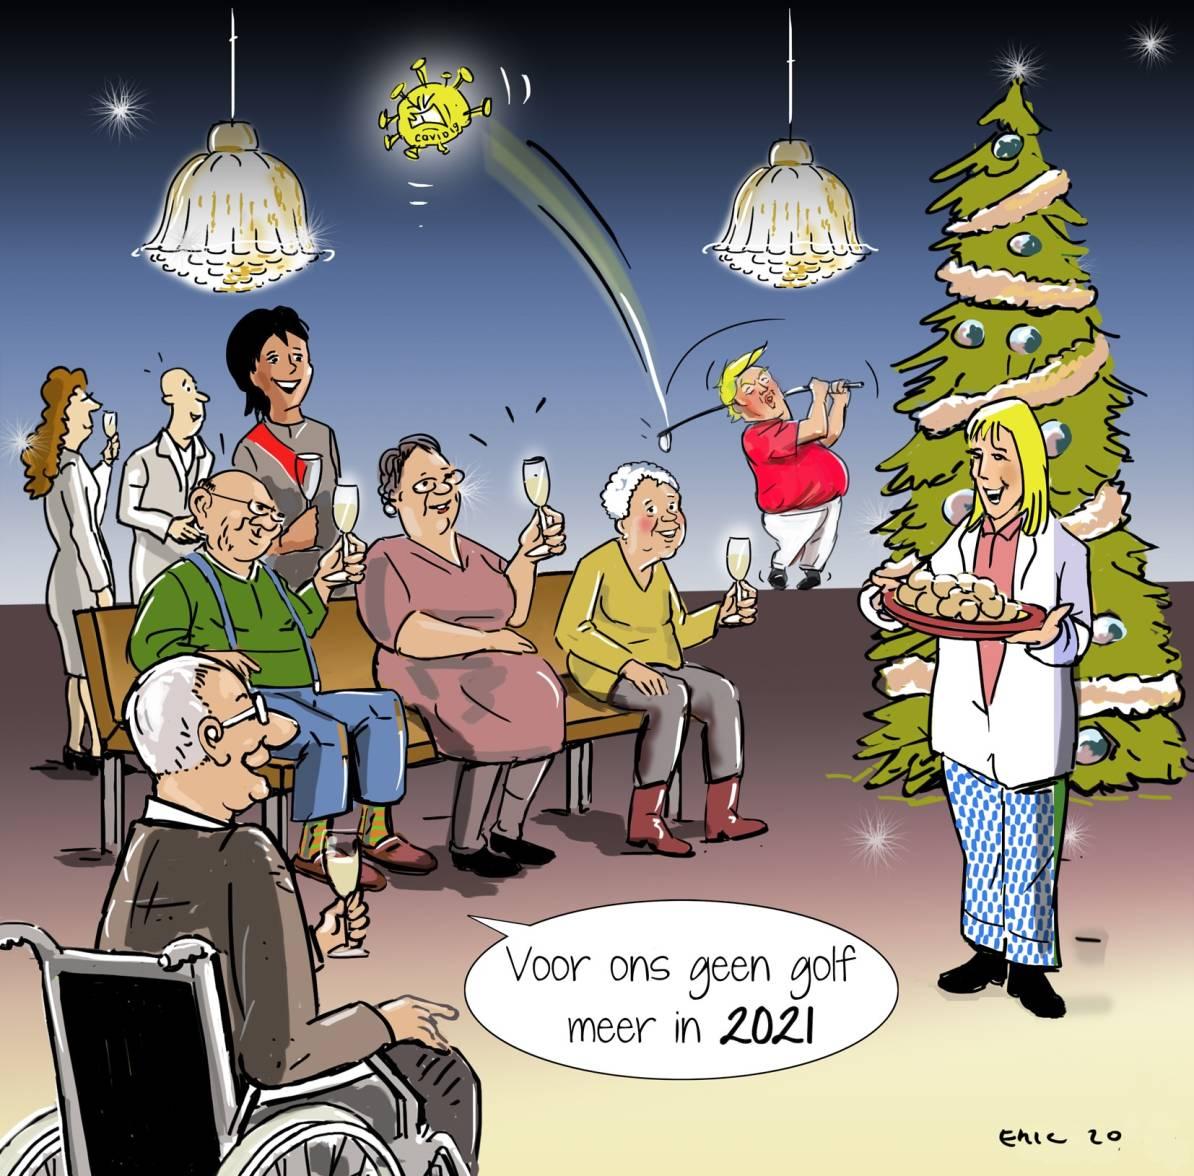 202011_cartoon_eric_elich_geen_golf_meer_in_2021_magazine_15.jpg